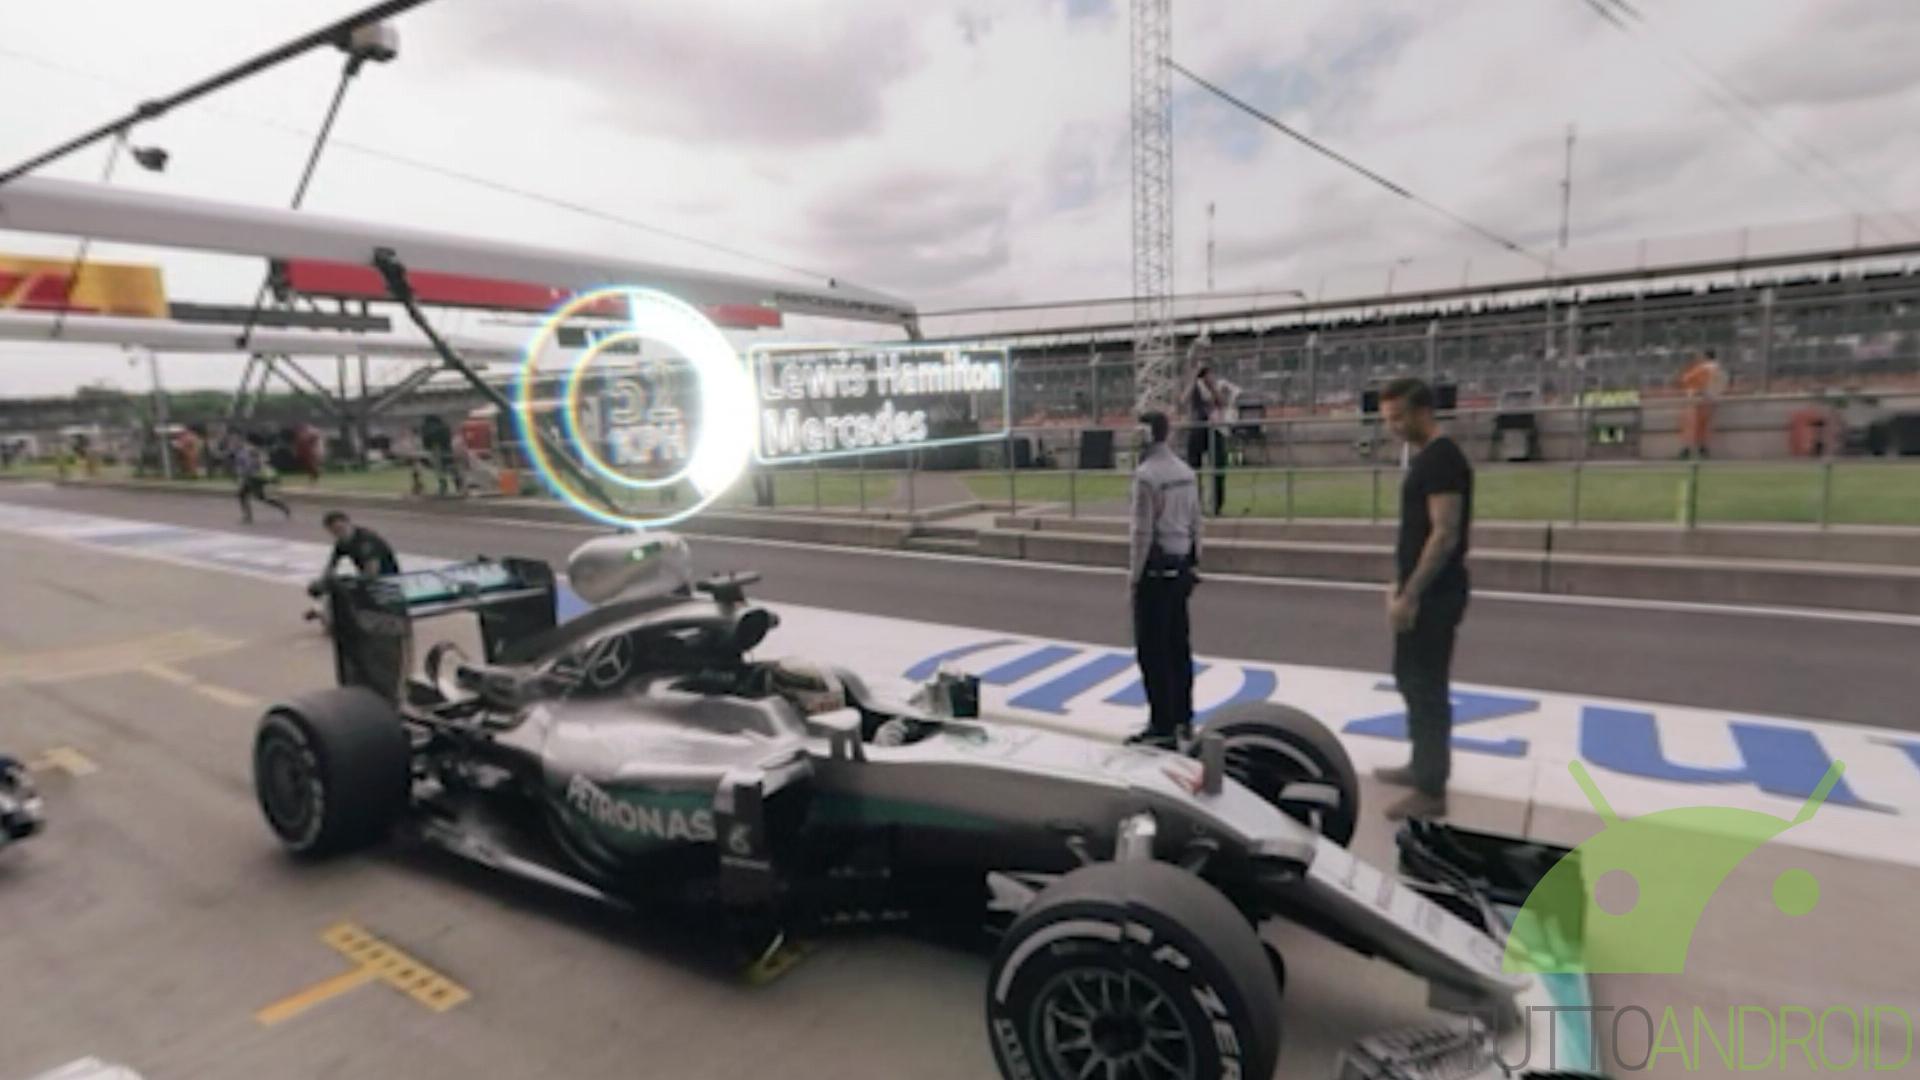 Sky presenta la sua prima applicazione per la realtà virtuale (VR)